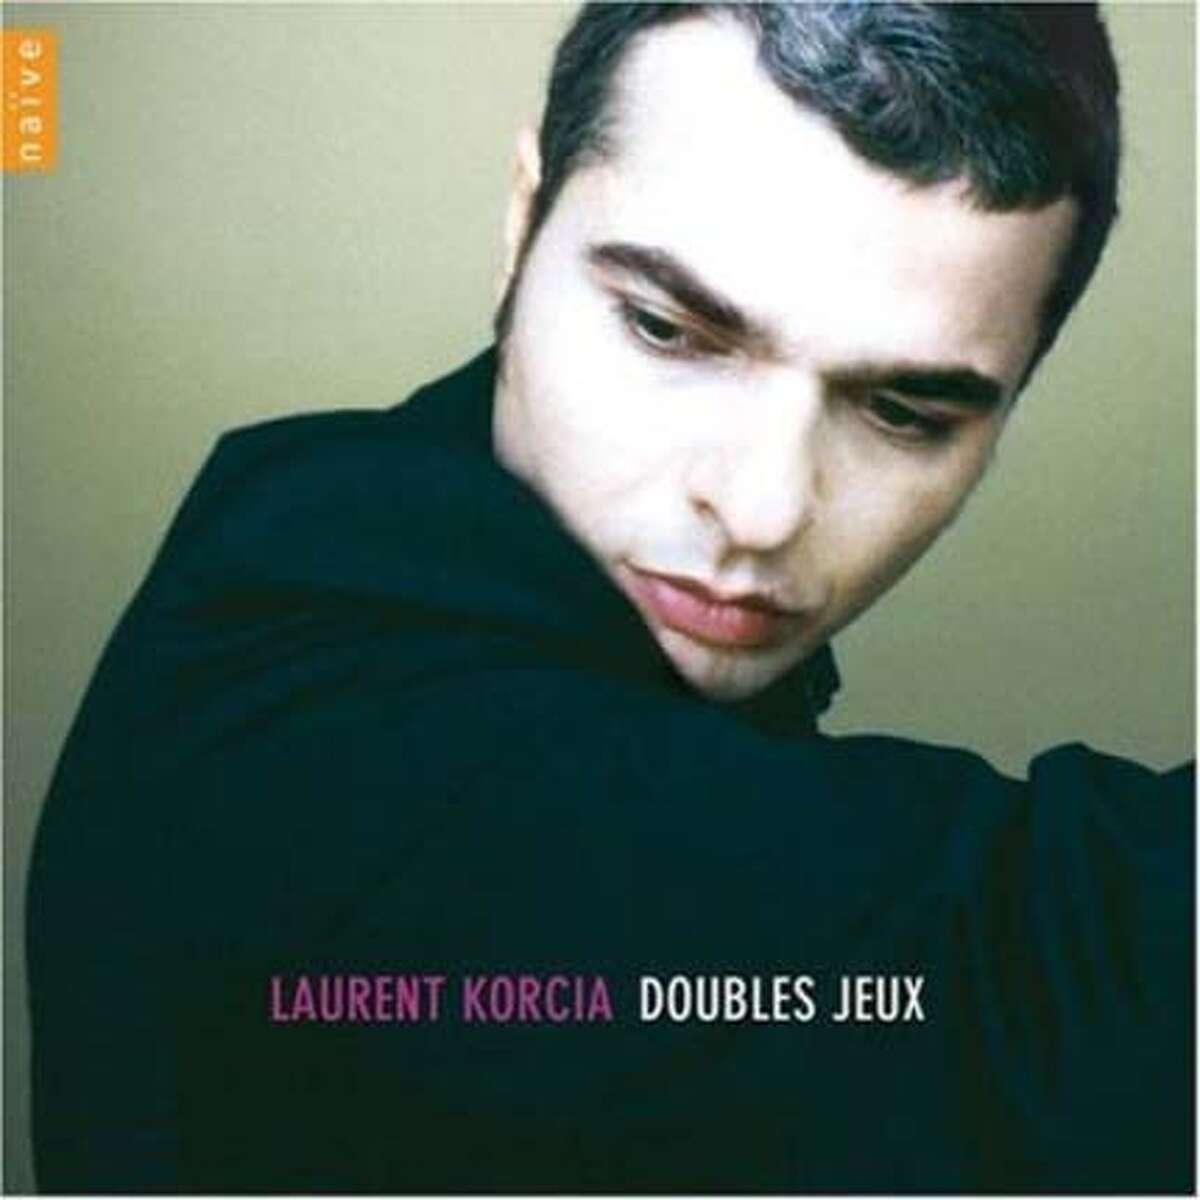 """Laurent Korcia: """"Doubles Jeux"""""""